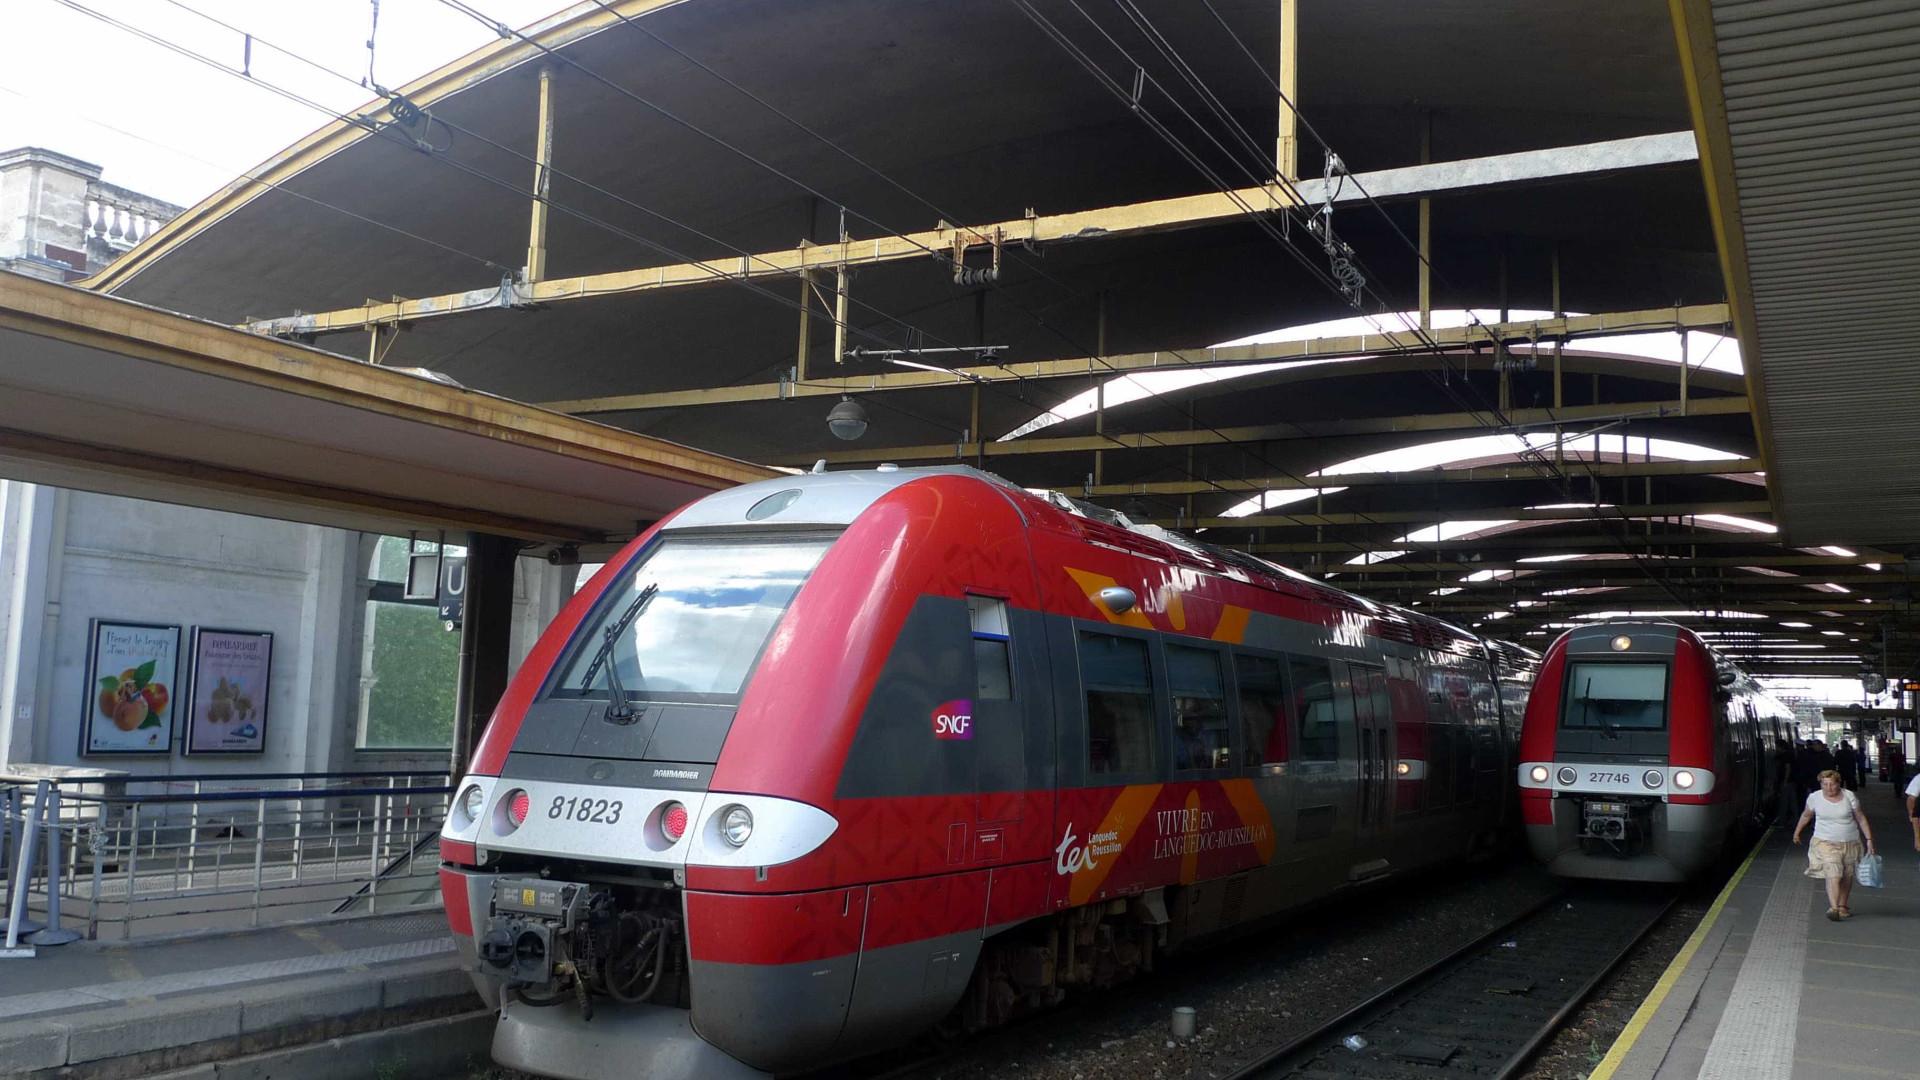 Estação de comboios em França evacuada depois de alerta